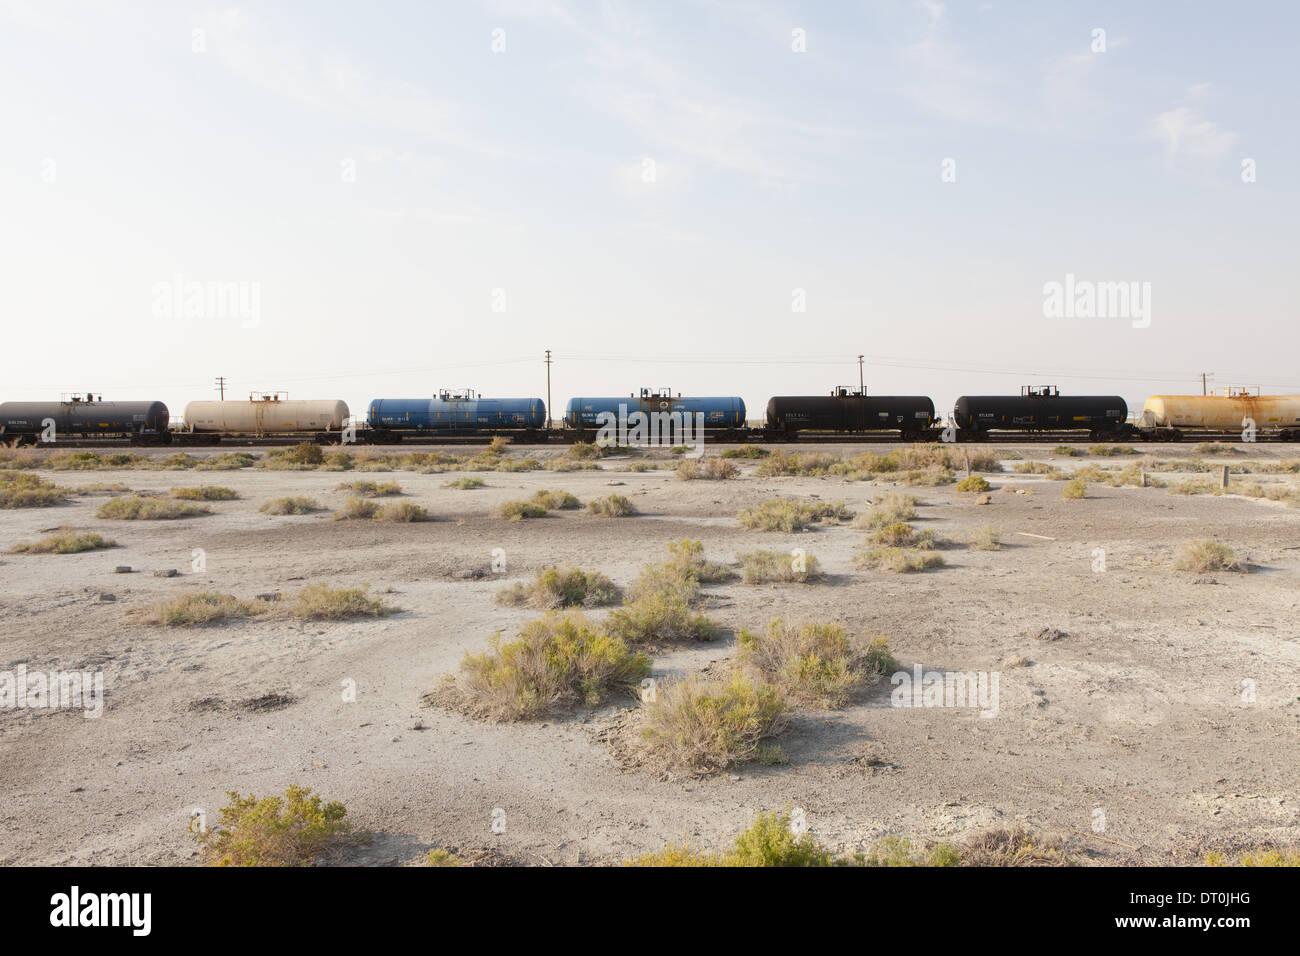 Utah USA train de marchandises sur la voie à travers le désert Photo Stock